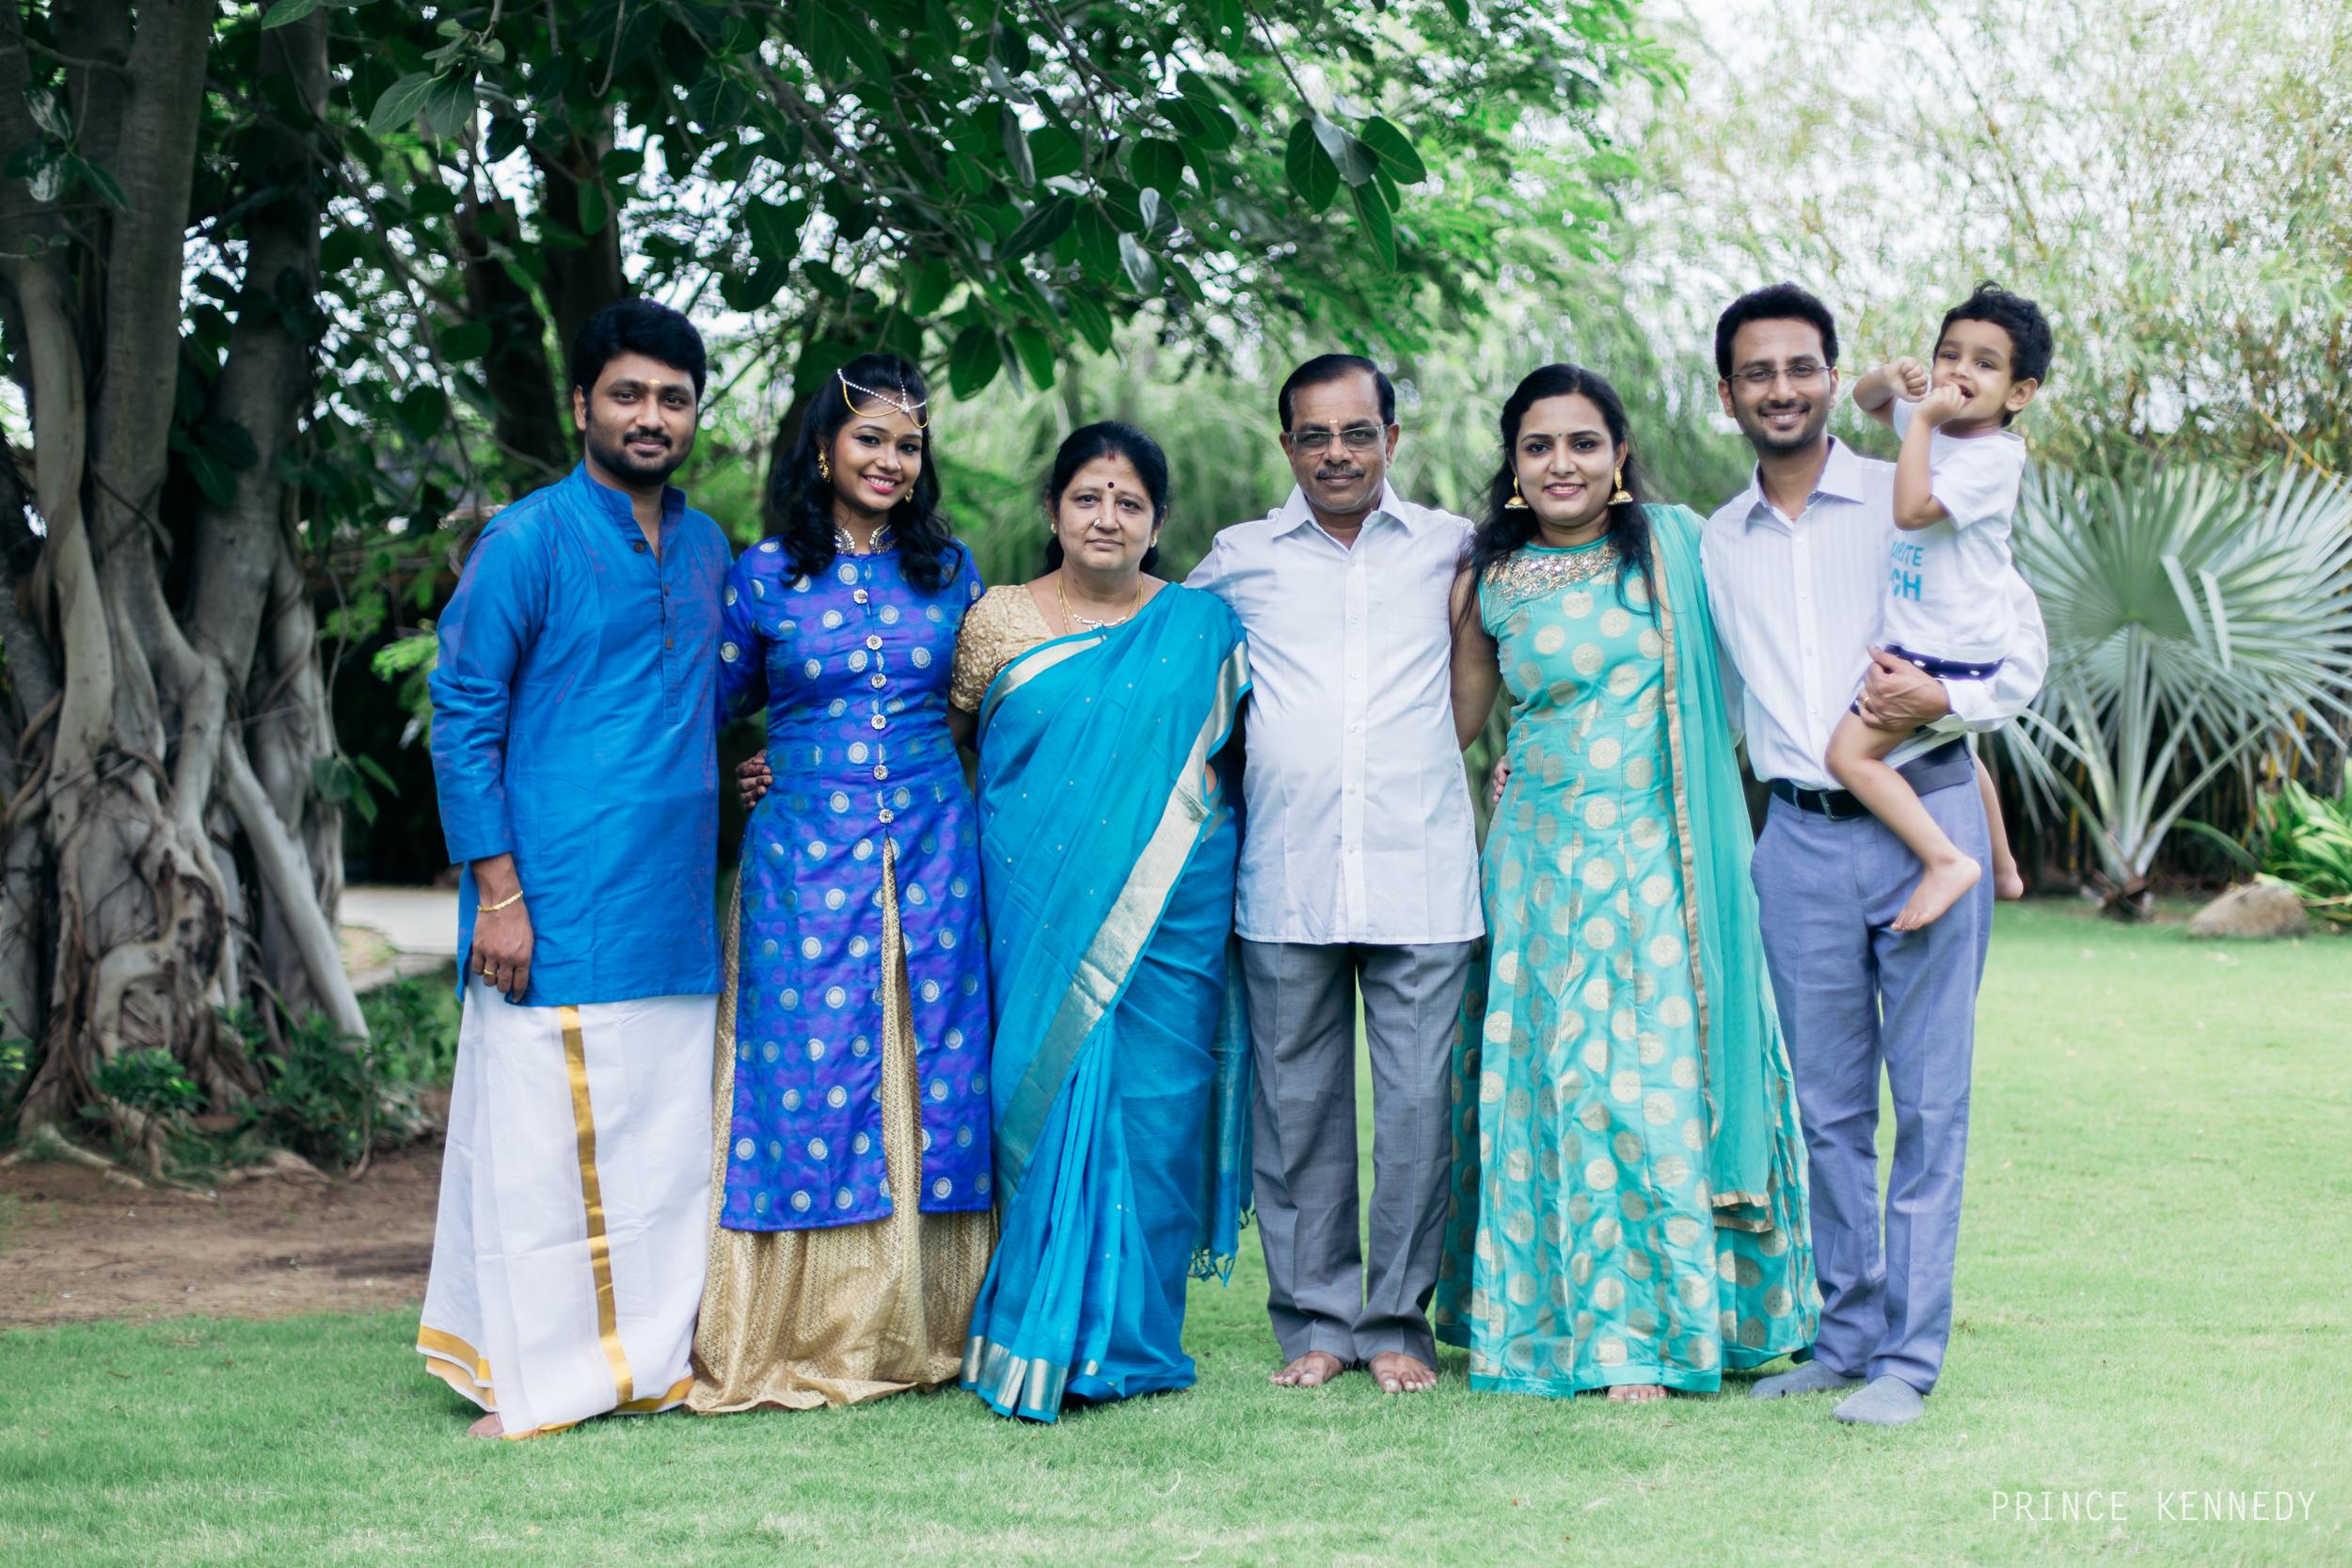 Engagement-Couple-Portrait-Portraiture-Wedding-Couple-Portrait-Chennai-Photographer-Candid-Photography-Destination-Best-Prince-Kennedy-Photography-79.jpg